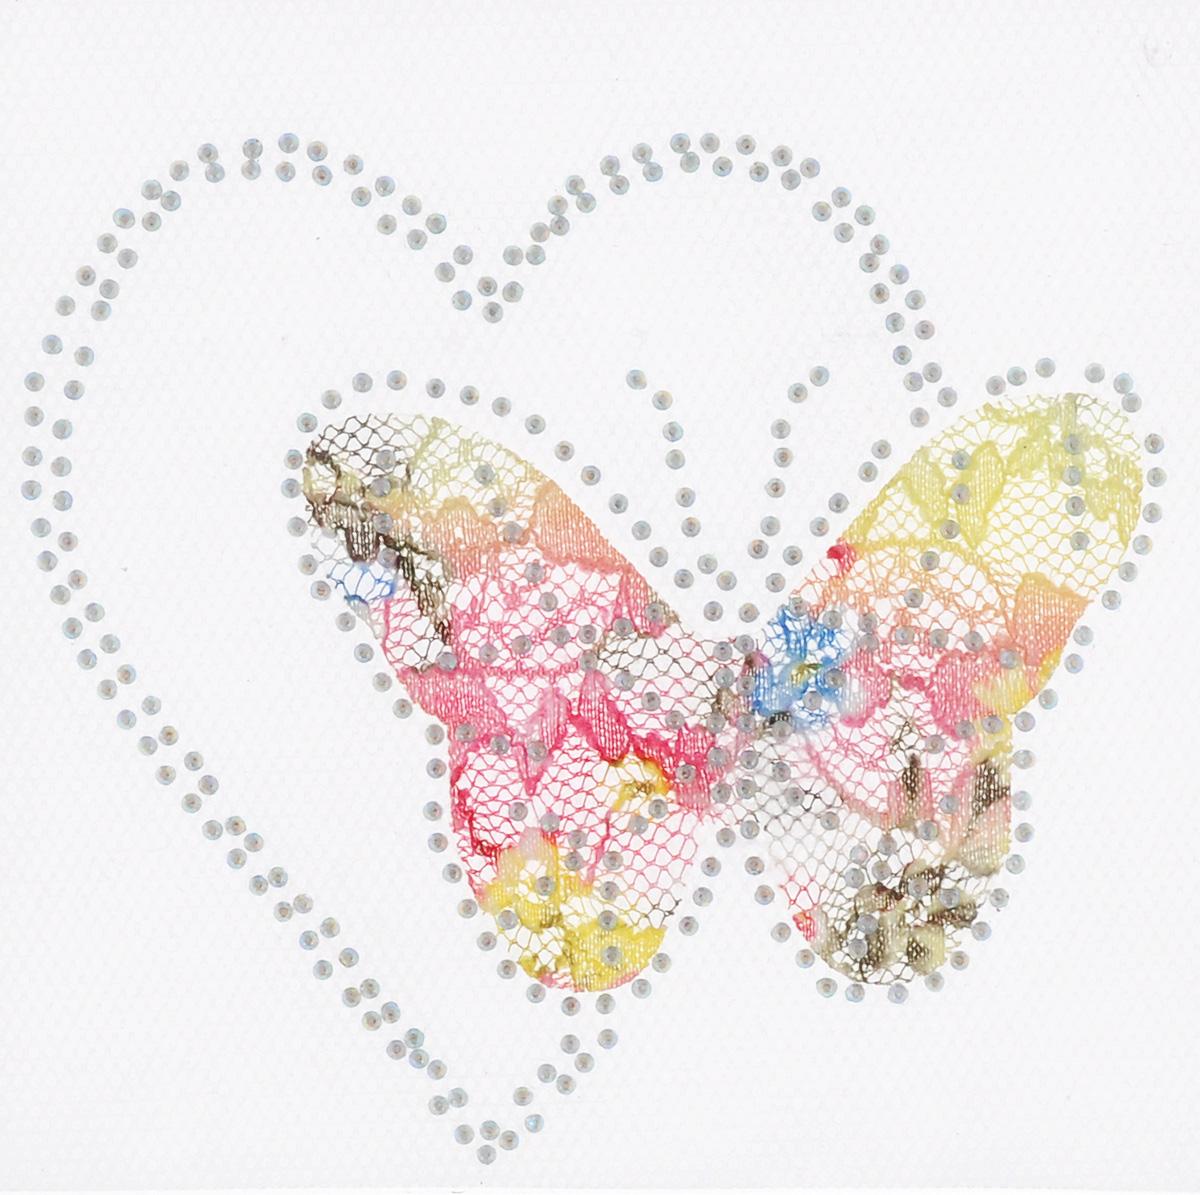 Термоаппликация Hobby&Pro Бабочка с сердцем, цвет: розовый, желтый, 10 см х 10 см7713587_6 нежностьКлеевая термоаппликация Hobby&Pro Бабочка с сердцем изготовлена из текстиля. Изделие оформлено сверкающими стразами. Термоаппликация с обратной стороны оснащена клеевым слоем, благодаря которому при помощи утюга вы сможете быстро и легко закрепить изделие на ткани. С такой термоаппликацией любая вещь станет особенной.